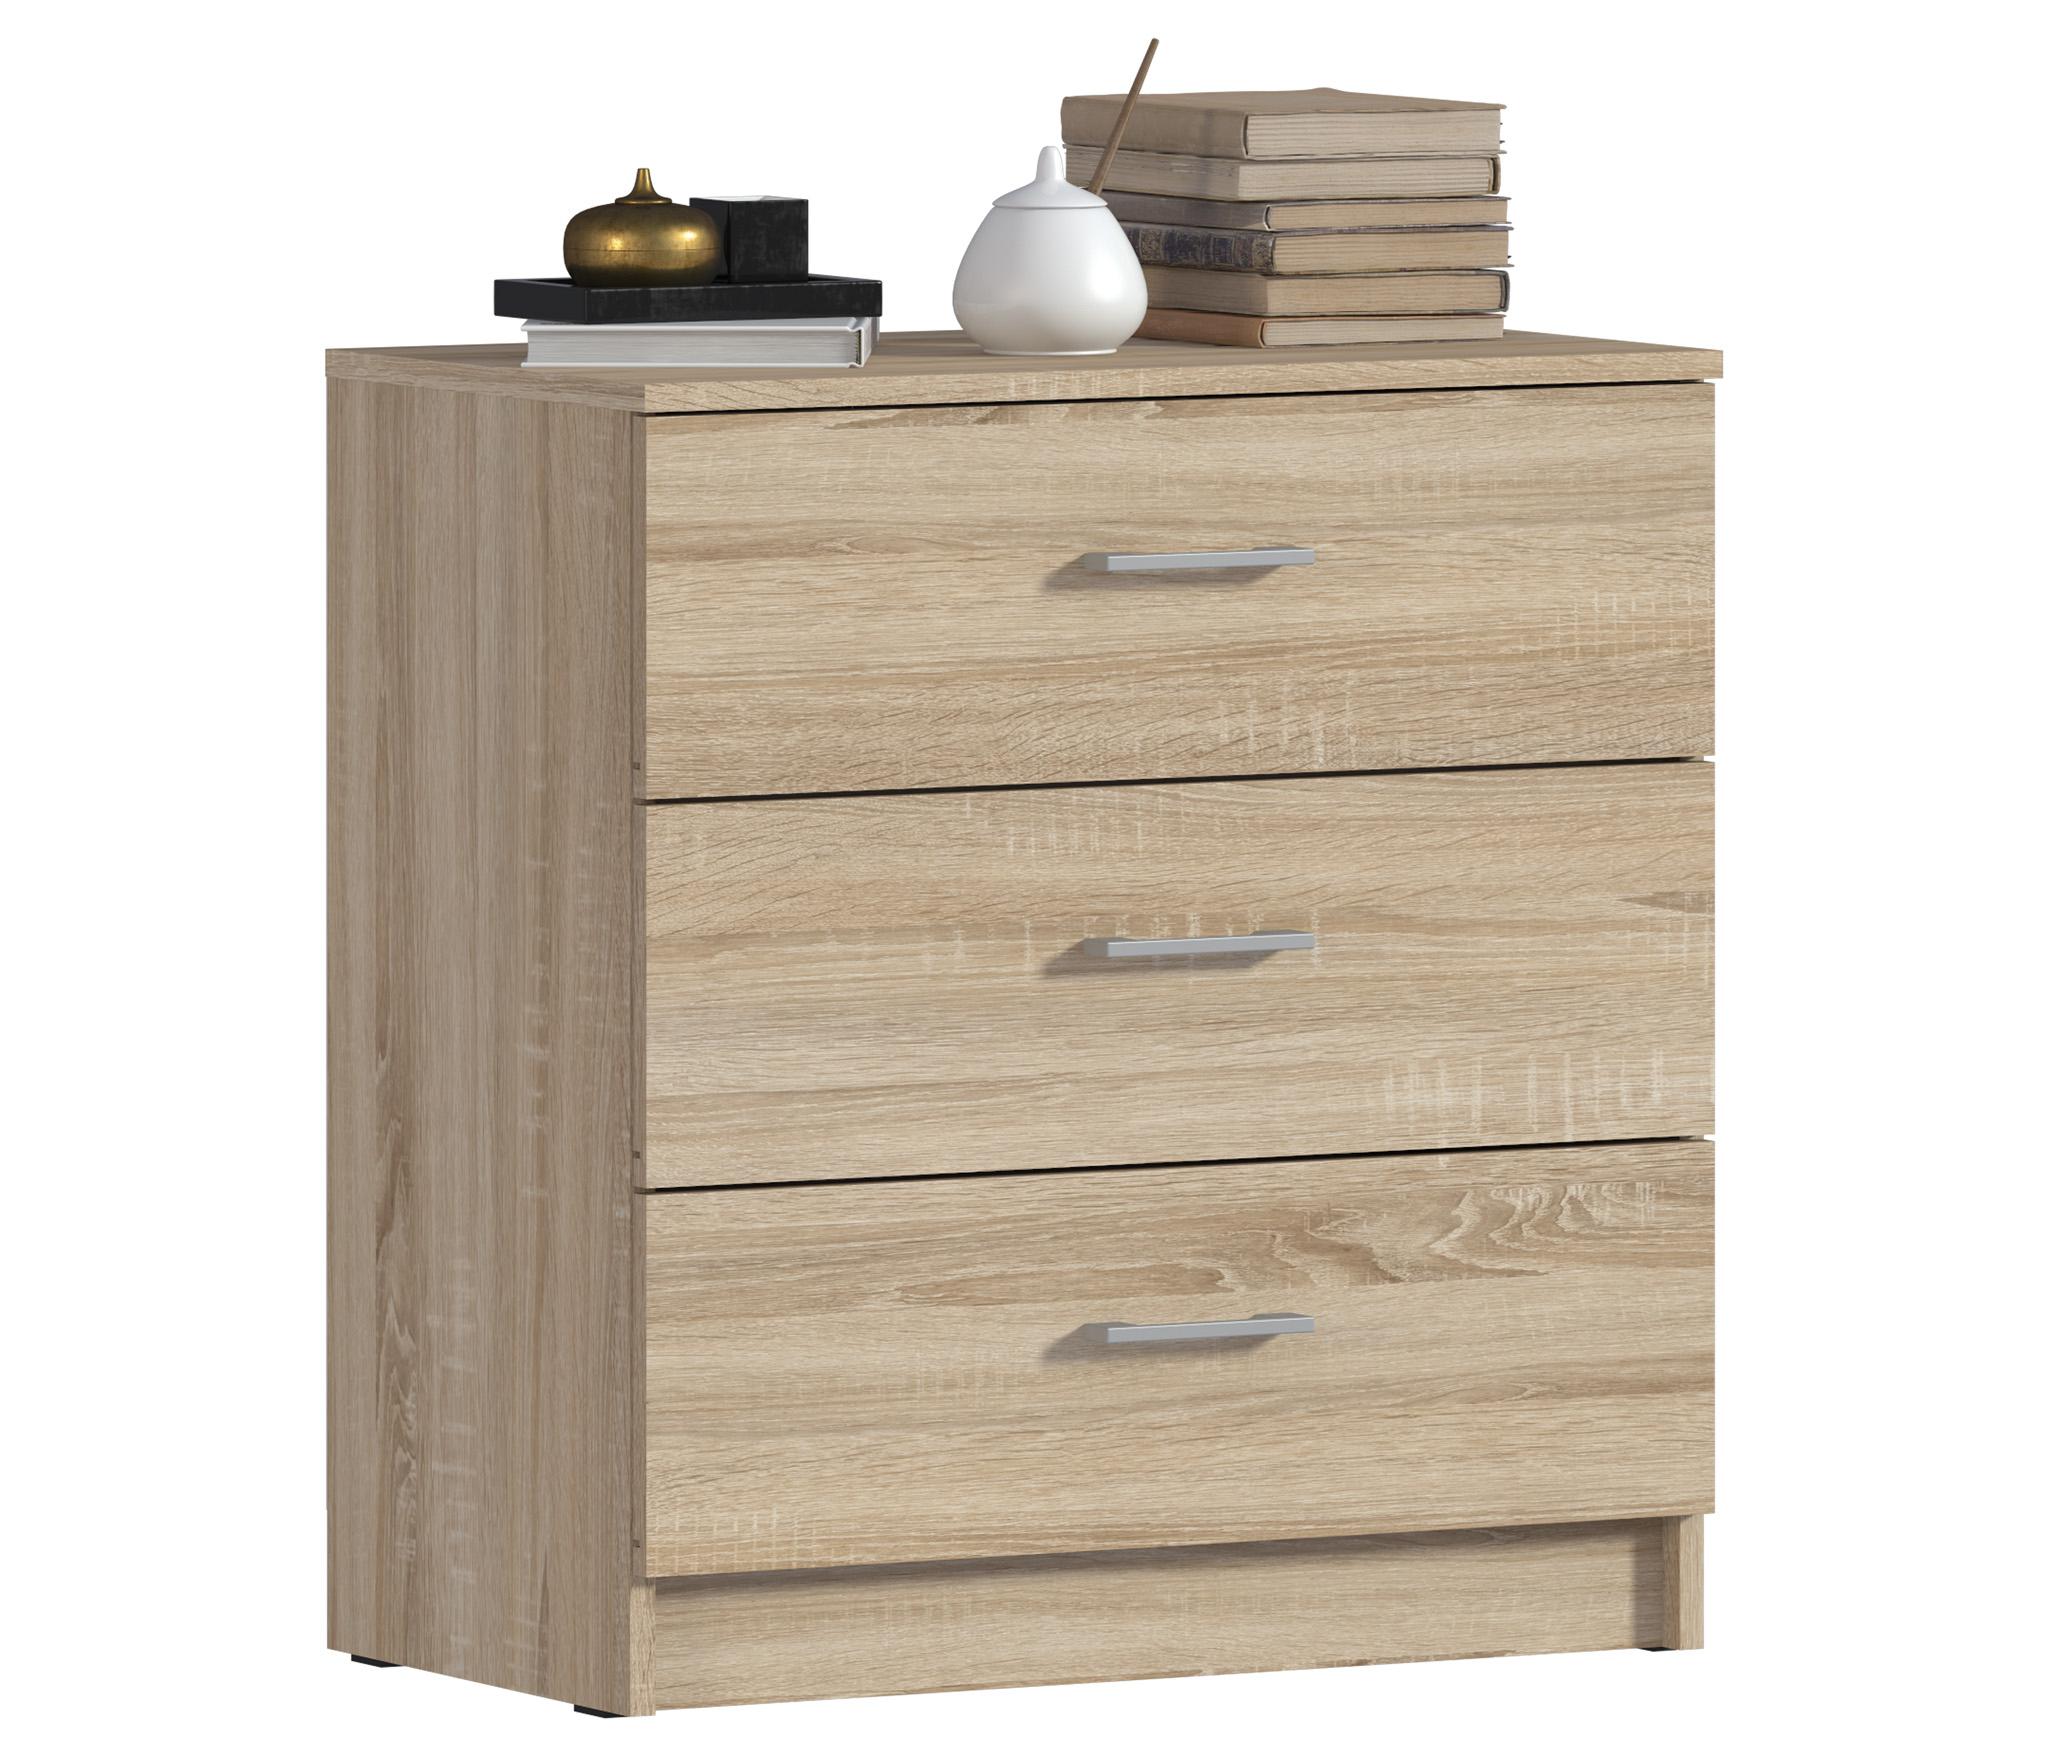 Терра (Лофт) СБ-2964 Комод Сонома тахты с ящиками для хранения